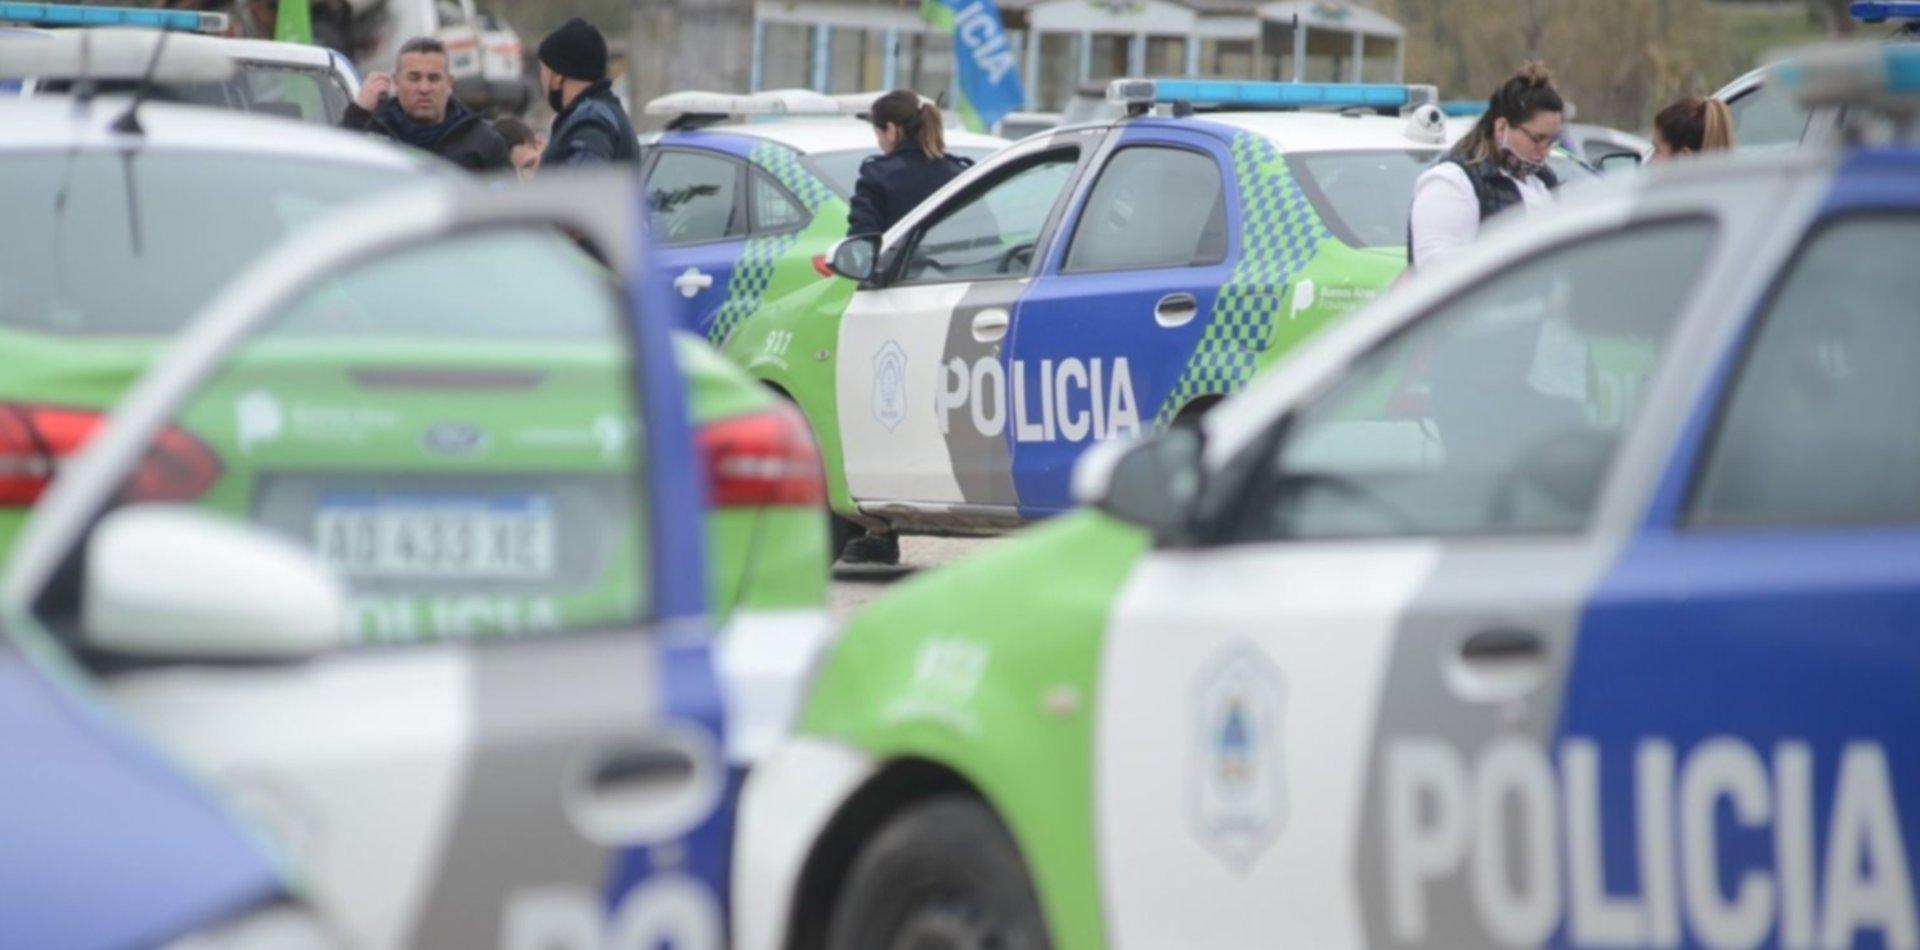 En medio de la ola de inseguridad, cambiaron a nueve comisarios en La Plata